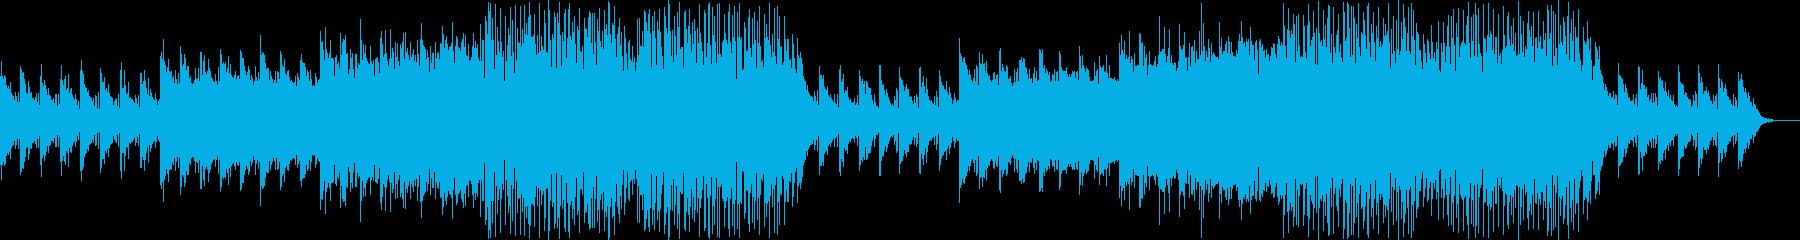 近未来を感じる映画のような洋楽EDMの再生済みの波形